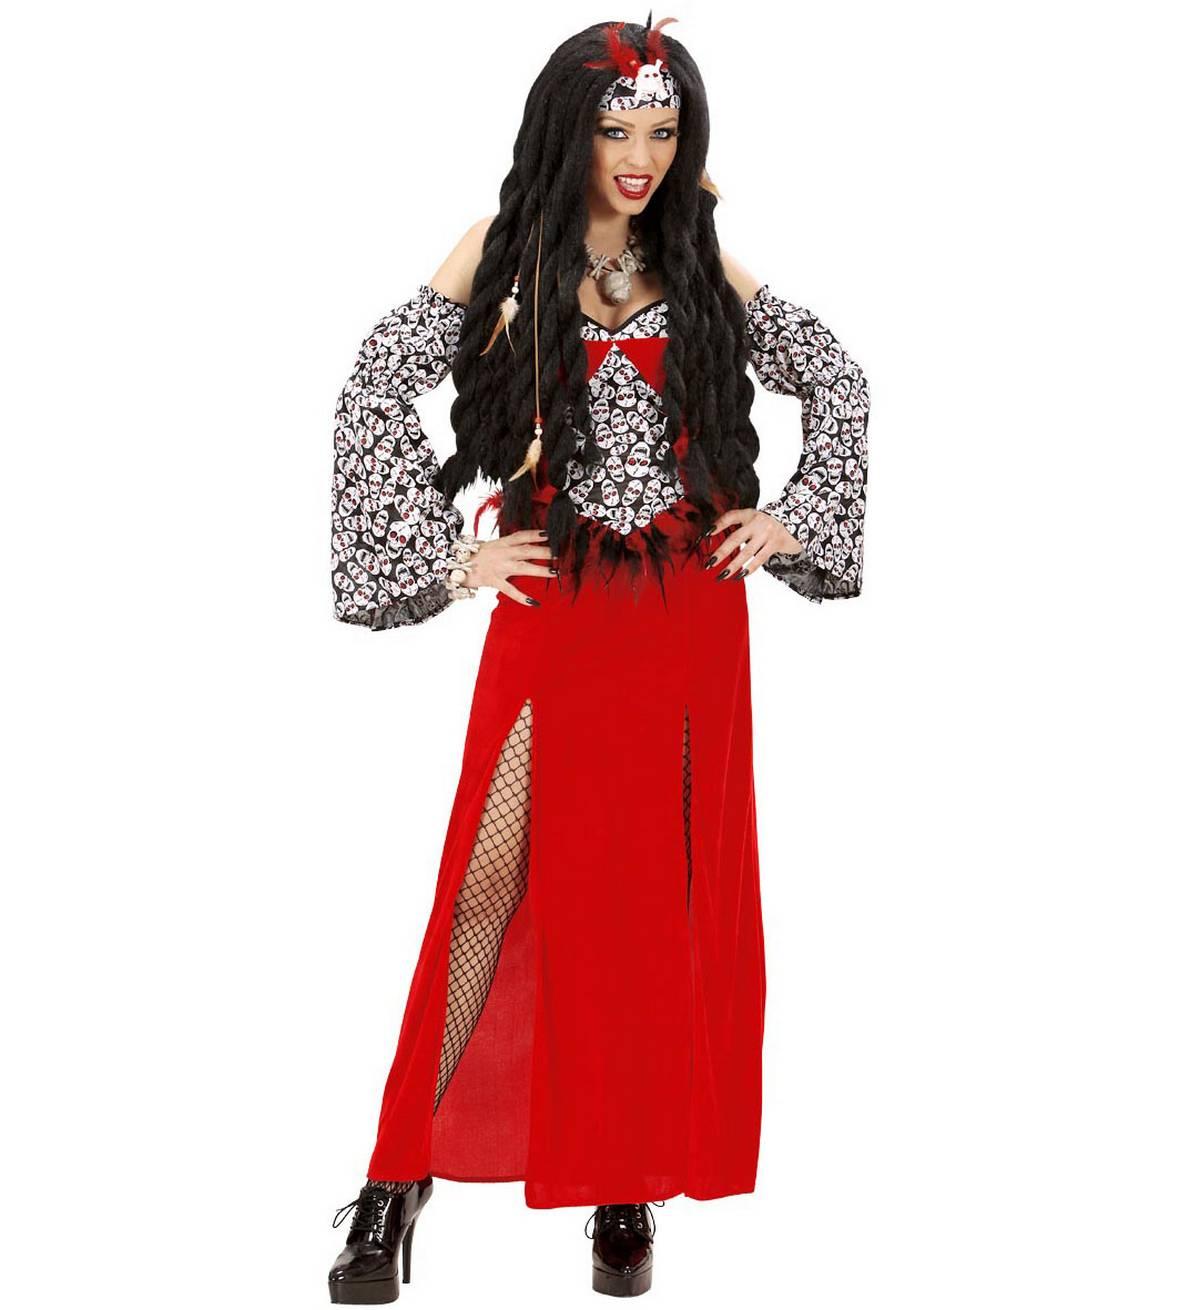 voodoo priesterin kleid armel kopfbedeckung wdm jxBRYeLhEGy4